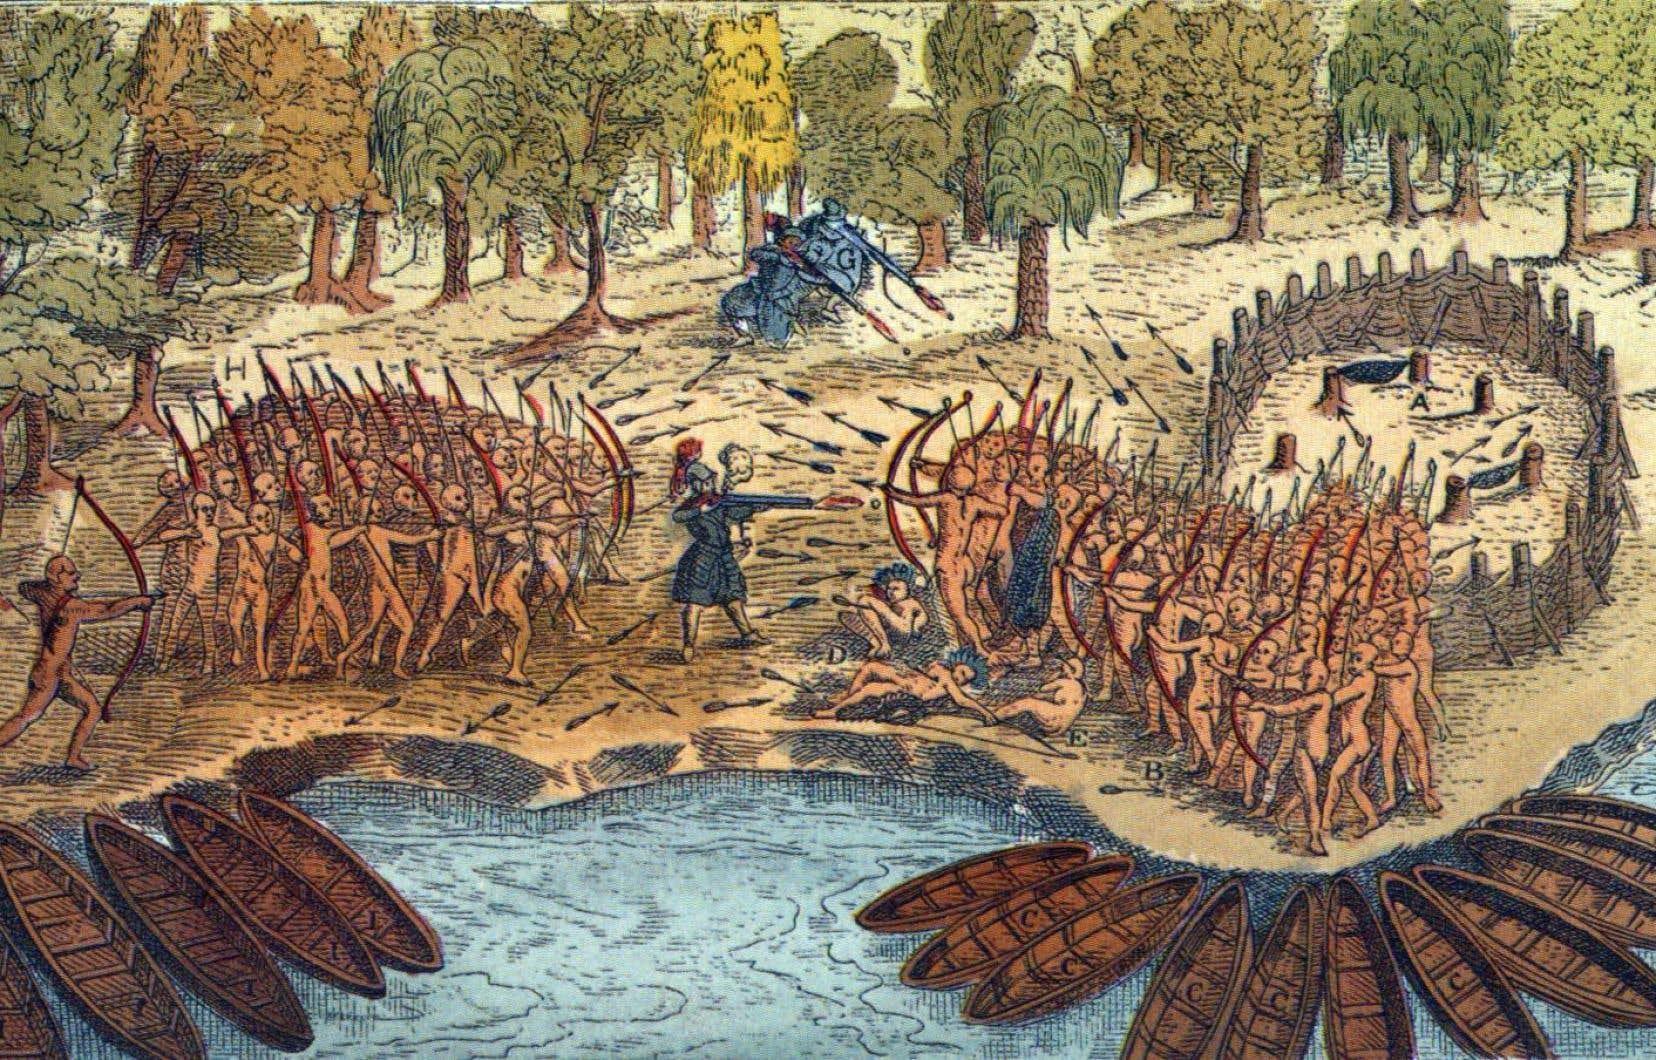 La gravure de la bataille remportée en 1609 par Champlain et ses alliés autochtones contre les Iroquois est un exemple des stéréotypes véhiculés dans les manuels scolaires, estime Bruno Rock du Conseil en éducation des Premières Nations. Il s'agit de la seule représentation connue du fondateur de Québec qui s'est dessiné au centre de l'action.